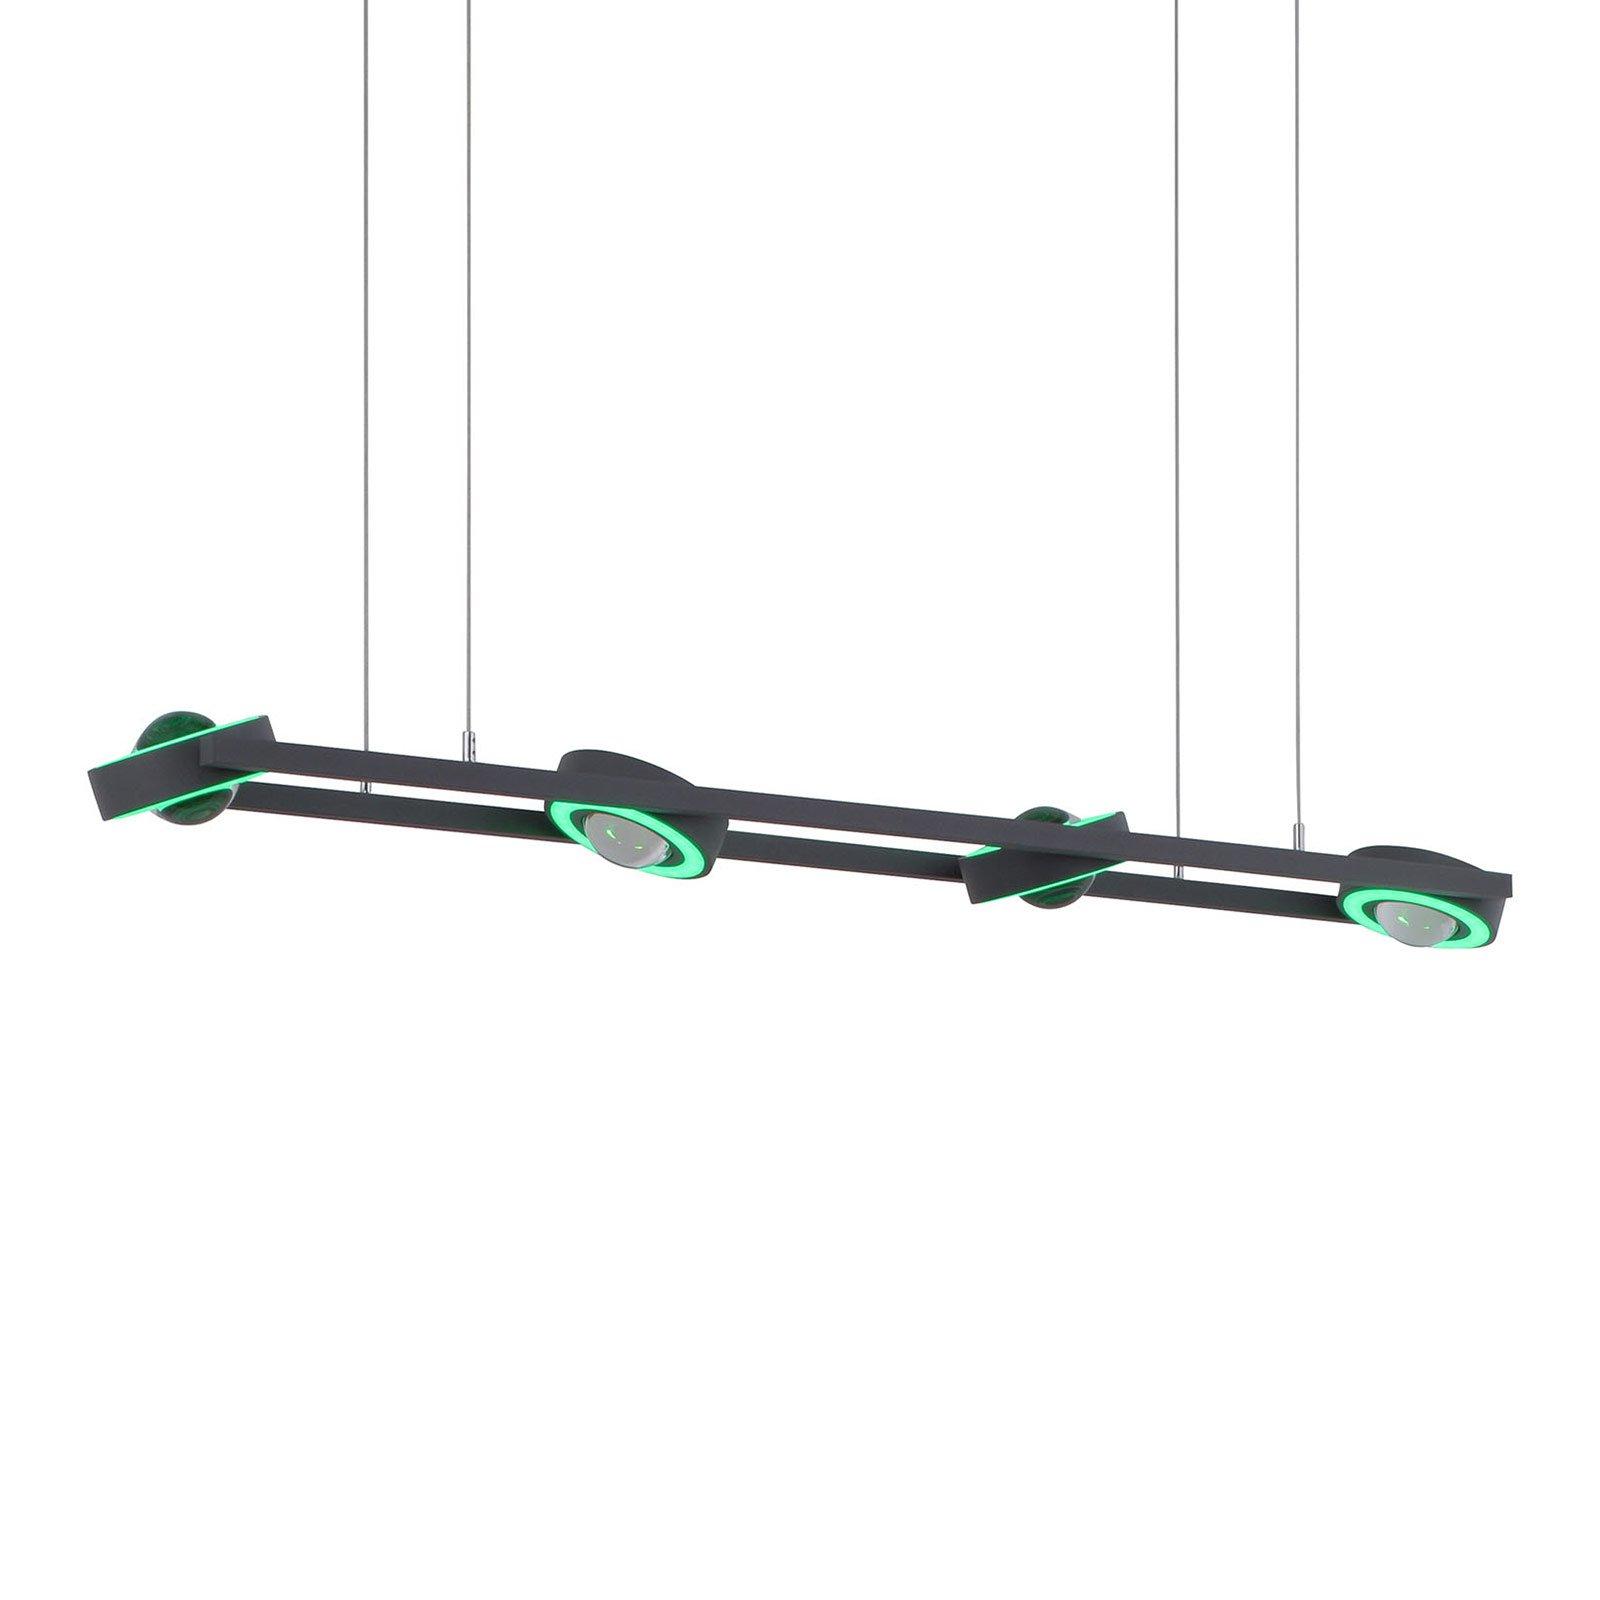 Paul Neuhaus Q-MIA LED-hengelampe, antrasitt